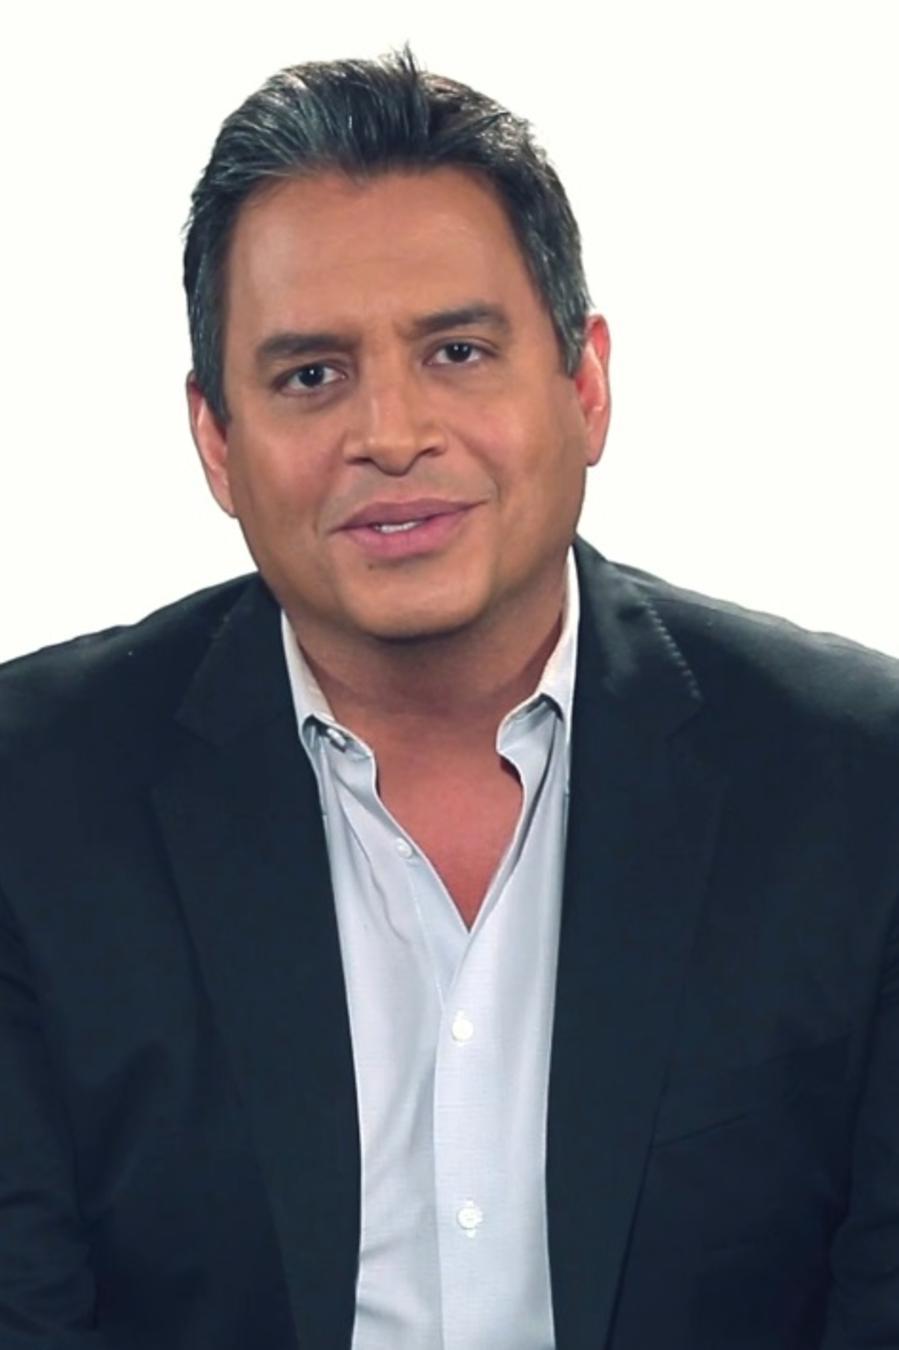 Daniel Sarcos, La historia de su vida